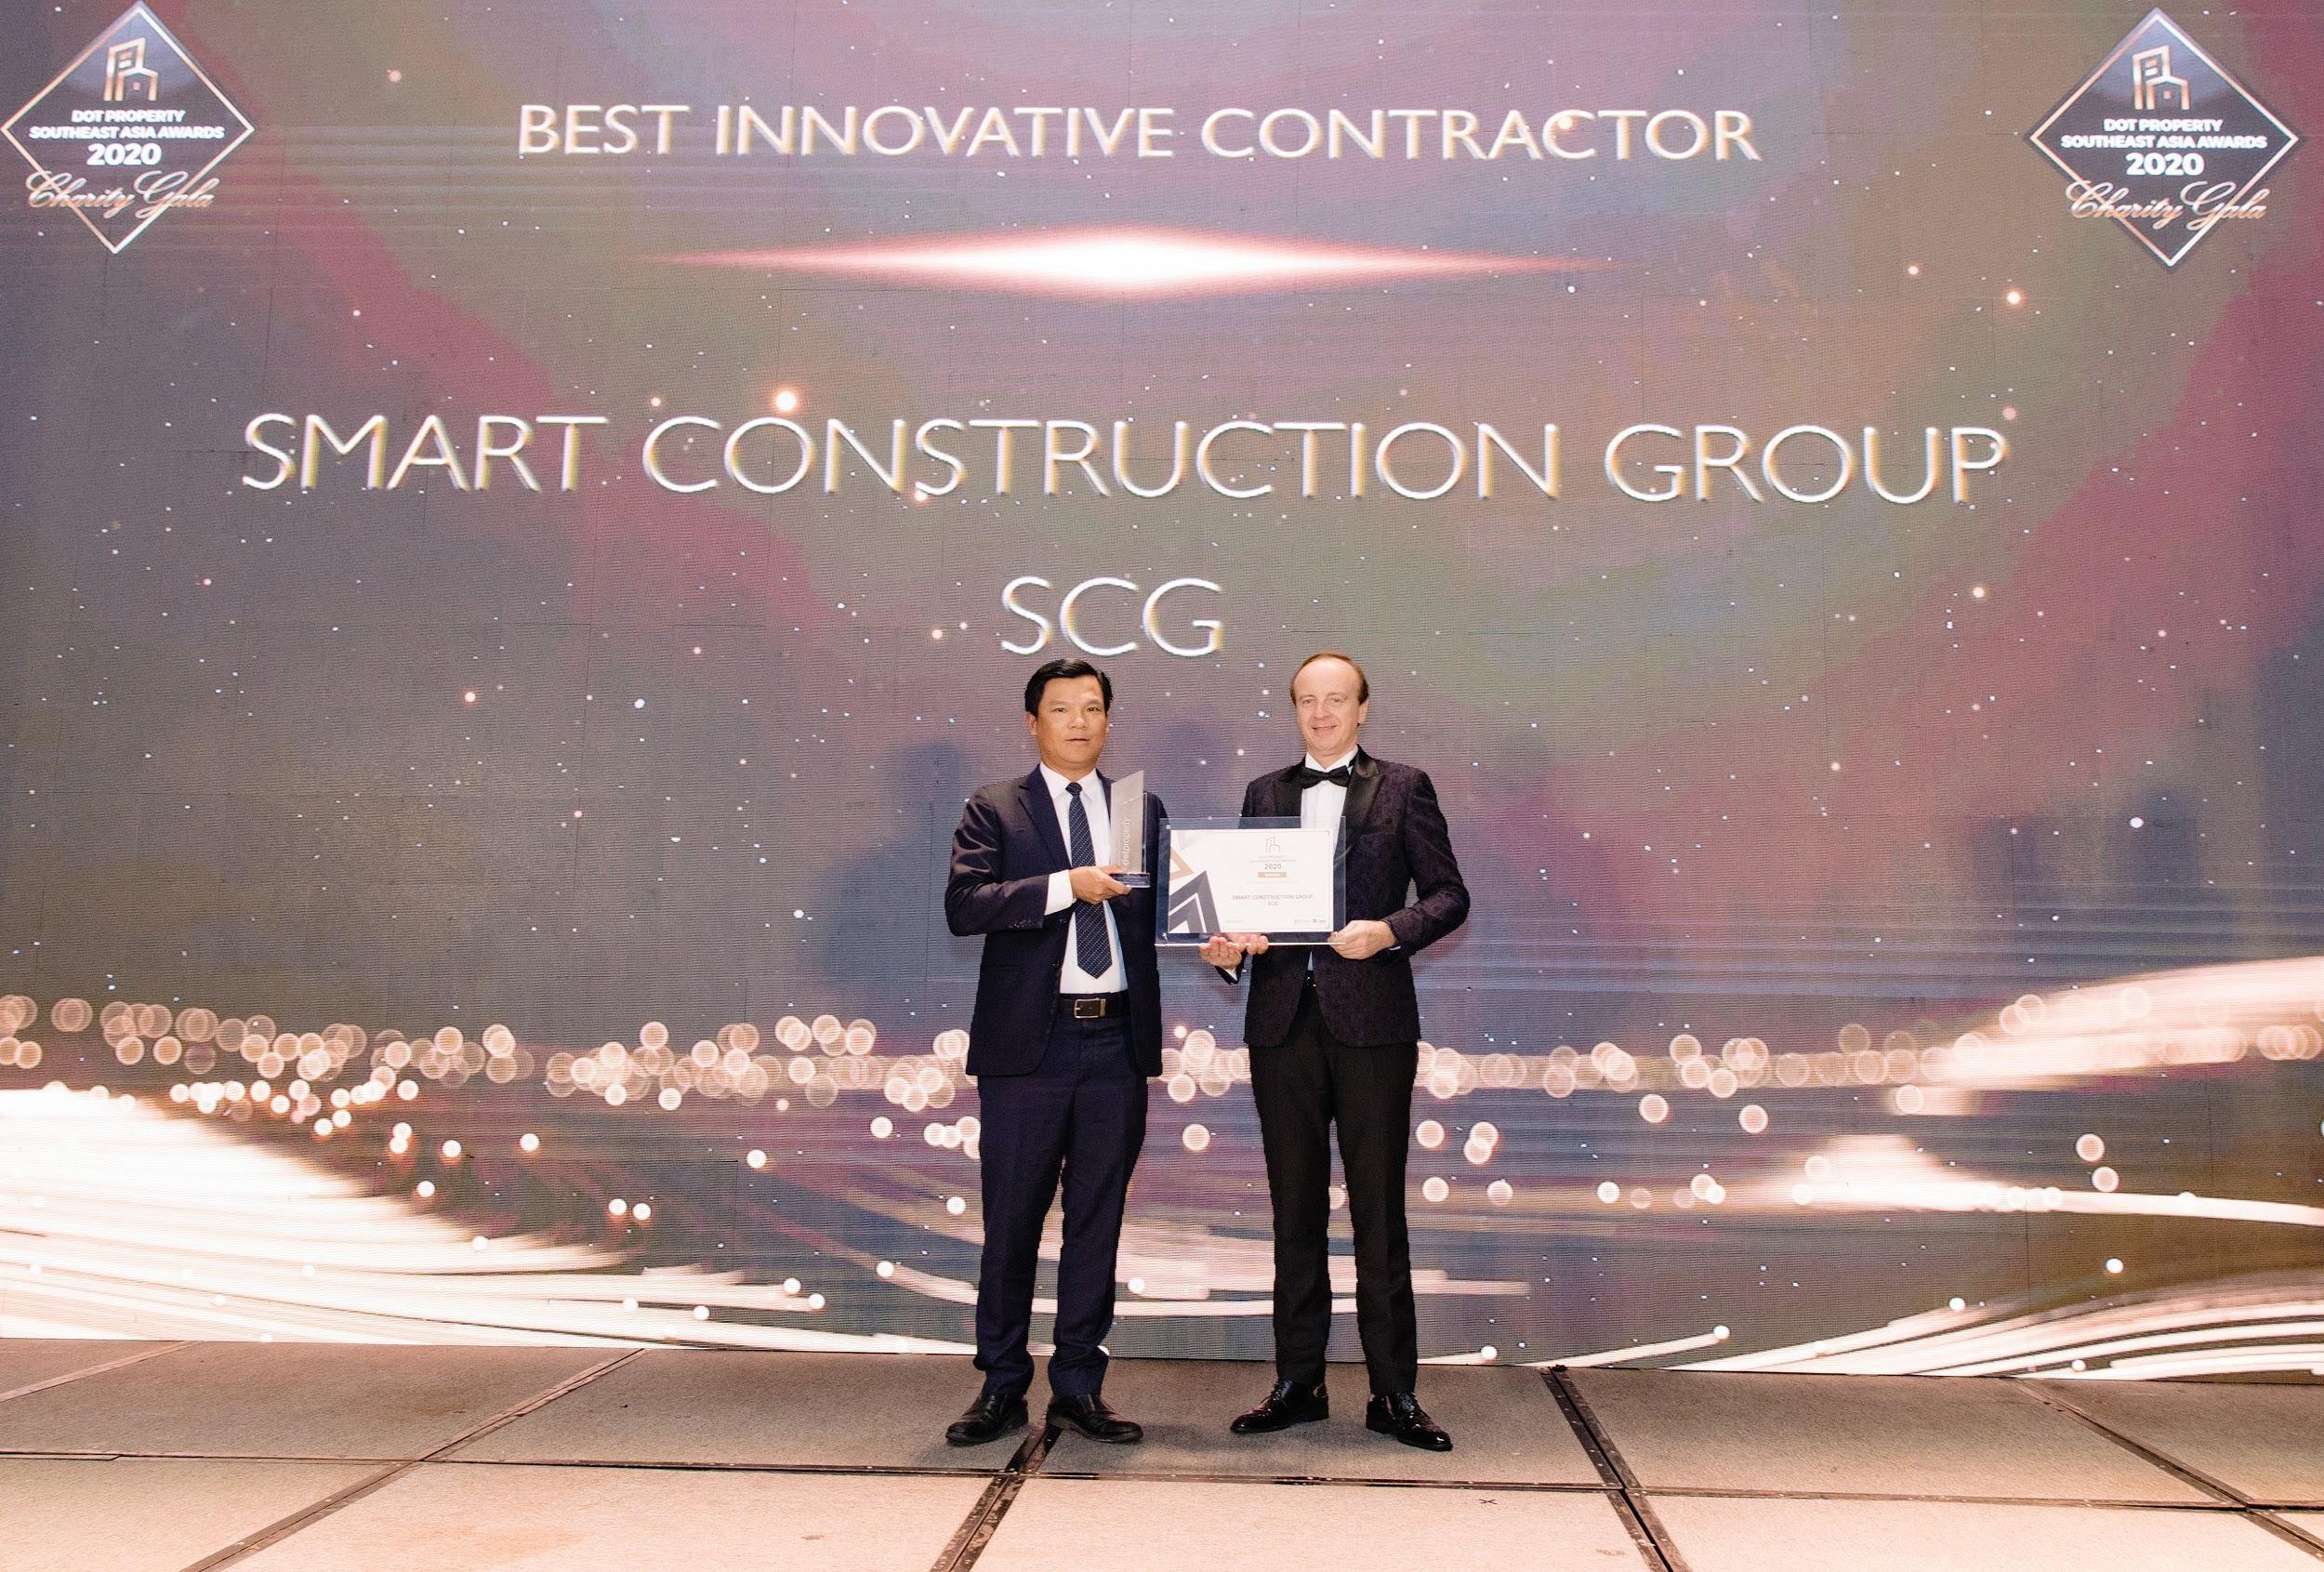 SCG là công ty xây dựng duy nhất của Việt Nam giành giải thưởng Nhà thầu xây dựng đột phá nhất Đông Nam Á 2020